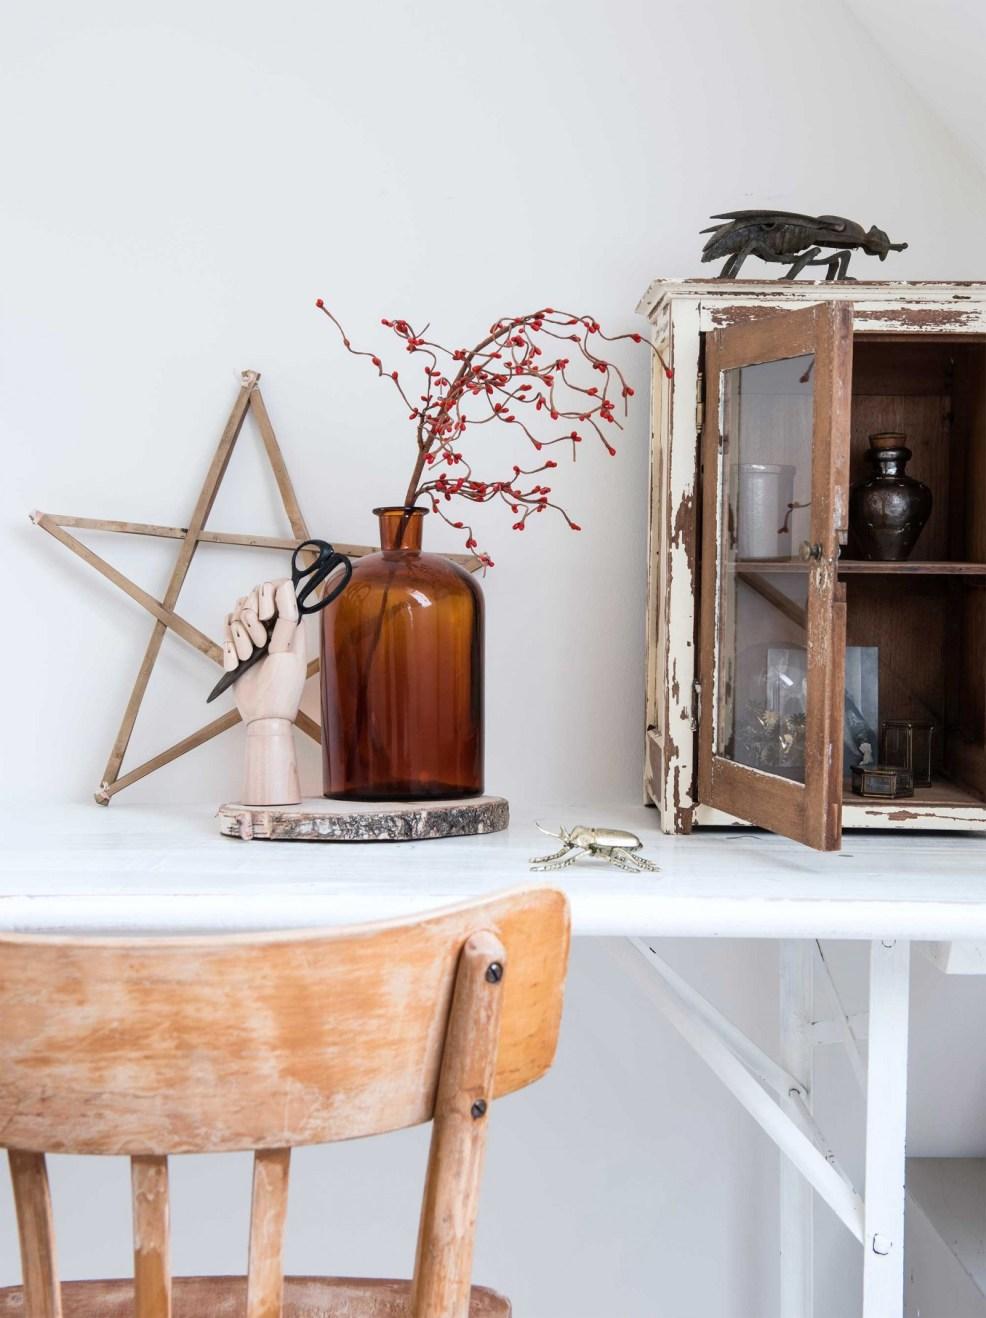 Une ambiance cabinet de curiosité dans une chambre, c'est possible. La preuve en images ! Retrouvez toutes les photos de cette maison rustique et éclectique dans l'article.